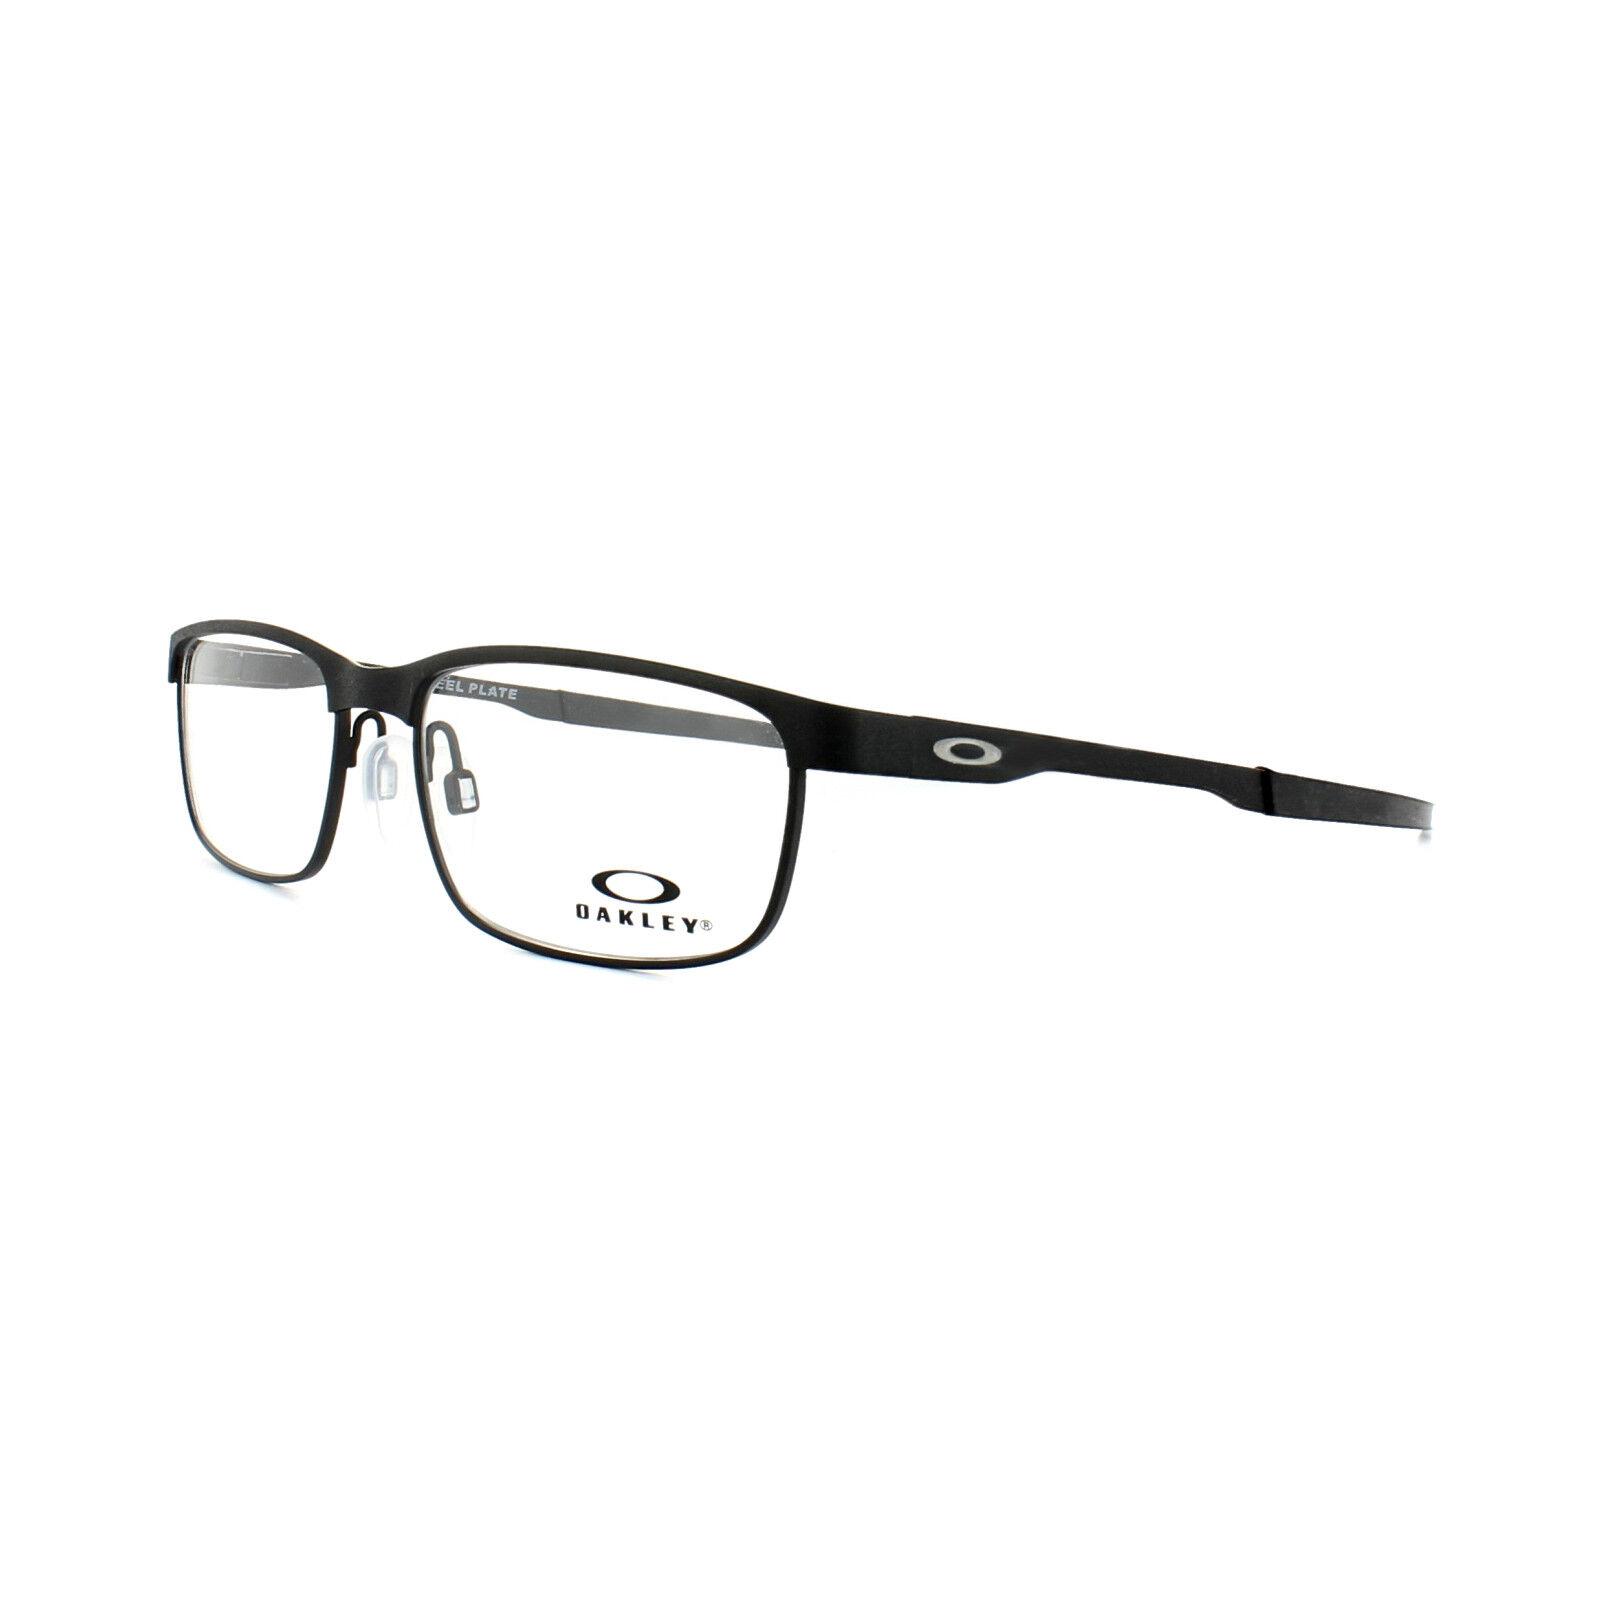 9a99847f7 Eyeglasses Oakley Steel Plate 3222-01 54 Powder Coal for sale online ...